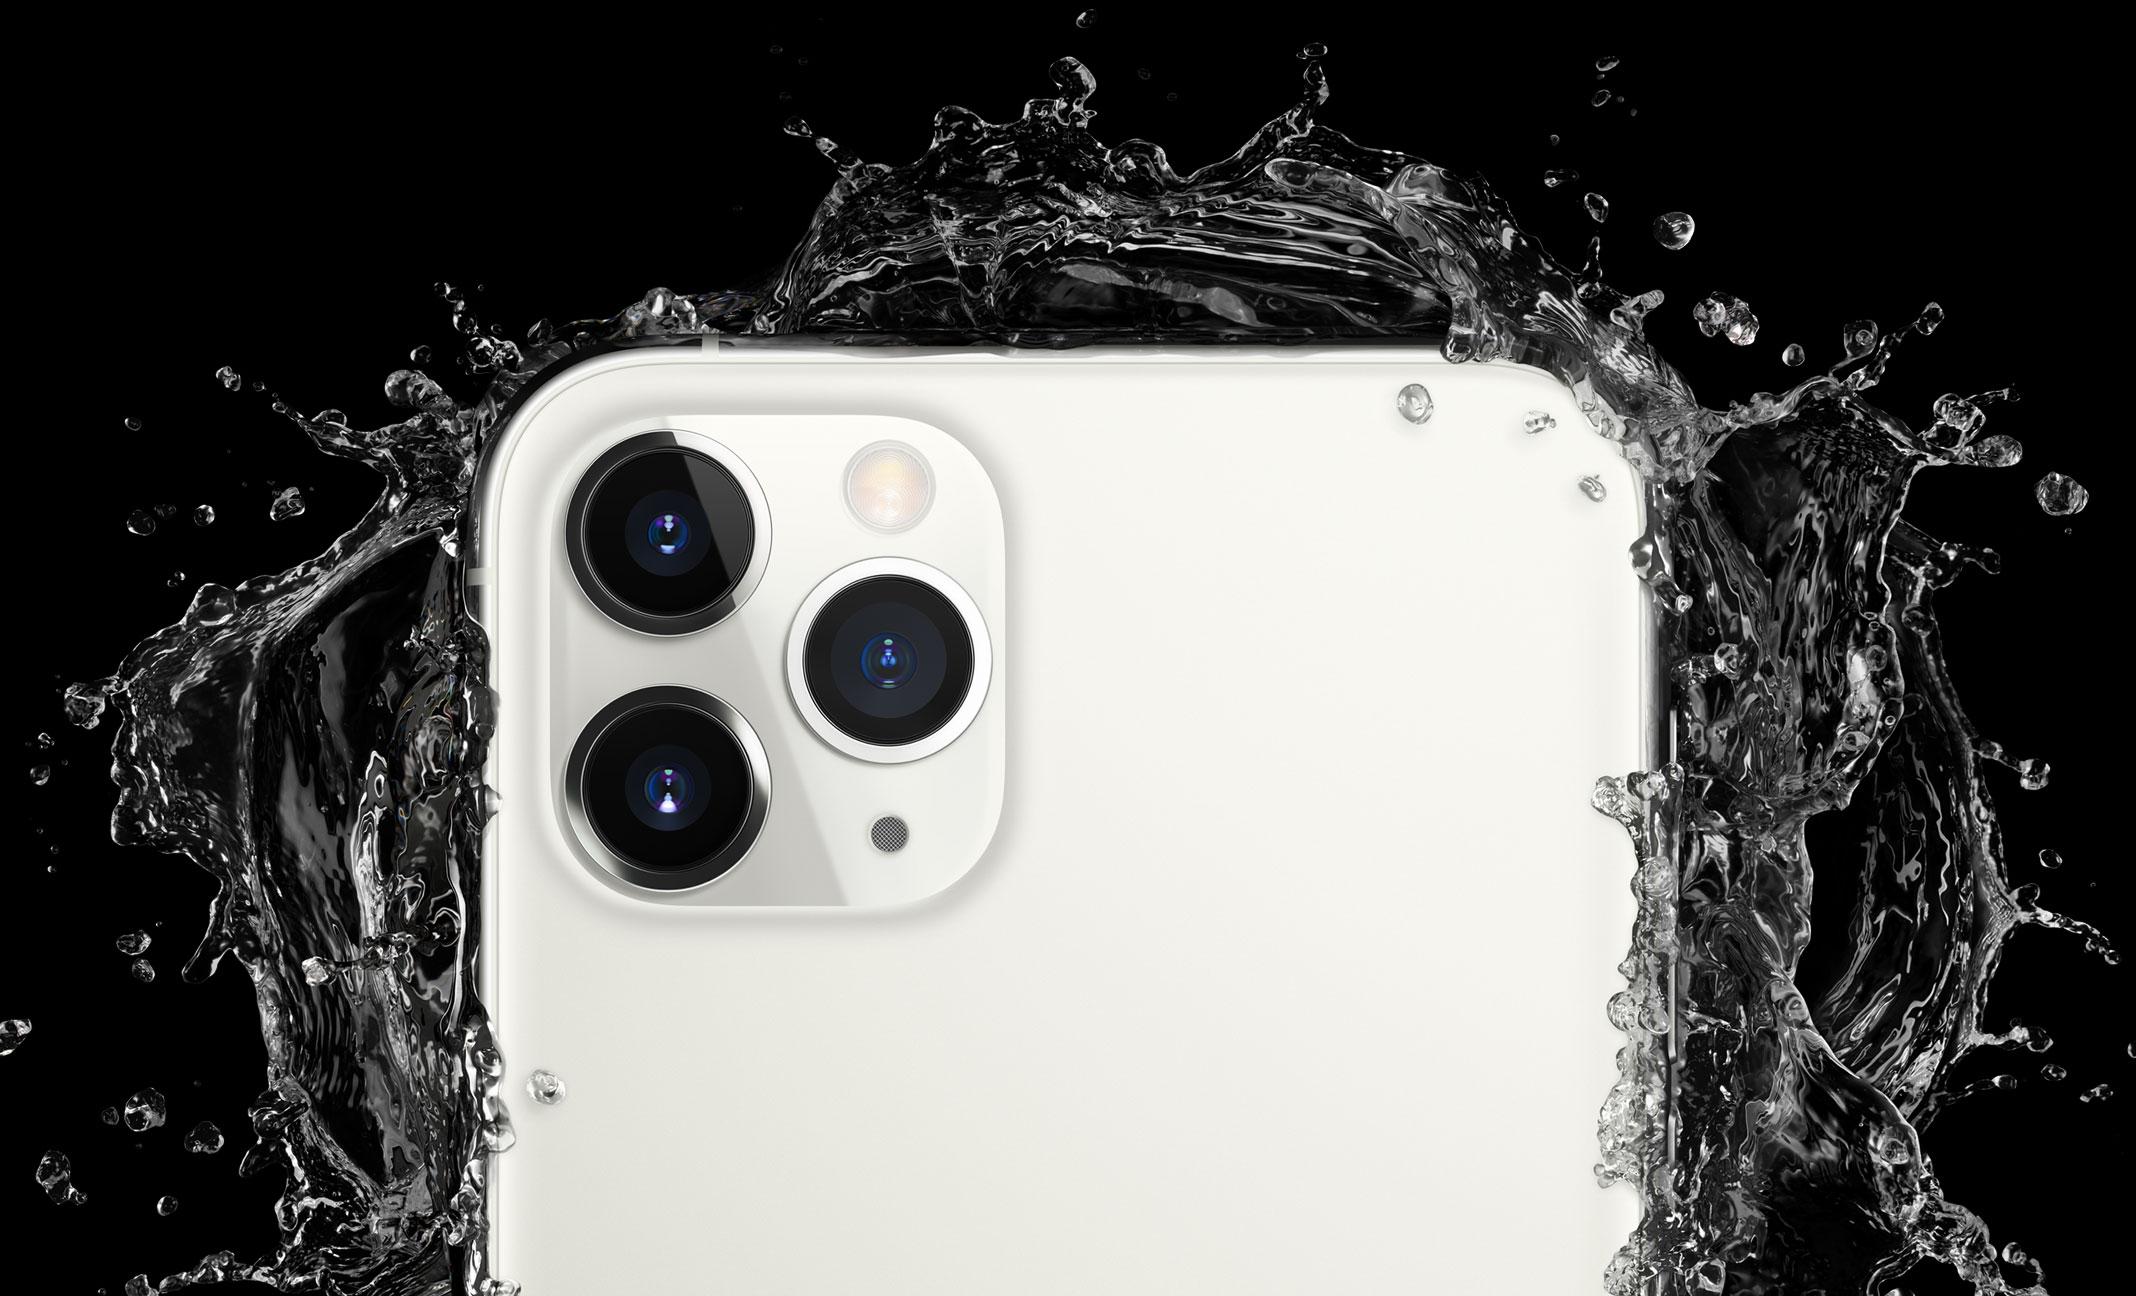 Apple 发布 iPhone 11 Pro 系列:专业相机、专业屏幕、专业性能-字母圈